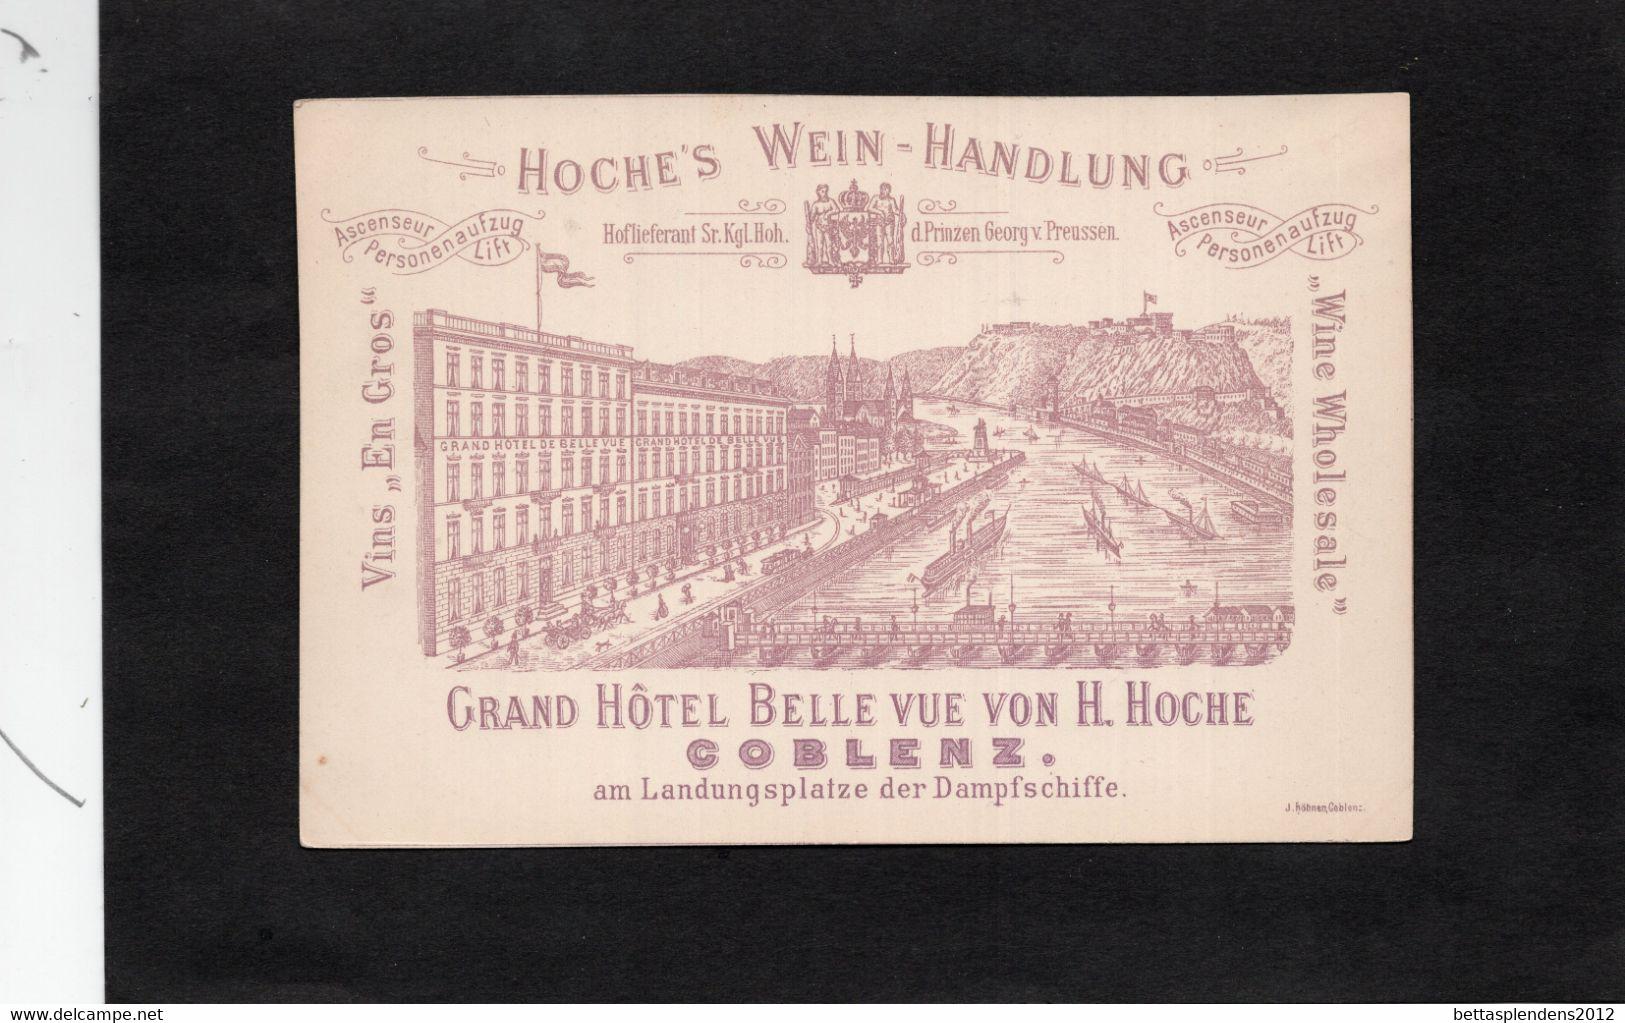 ALLEMAGNE - COBLENZ - GRAND HOTEL BELLE VUE VON H. HOGHE - HOCHE'S WEIN HANDLUNG -  Carte Publicitaire Hôtel - Unclassified